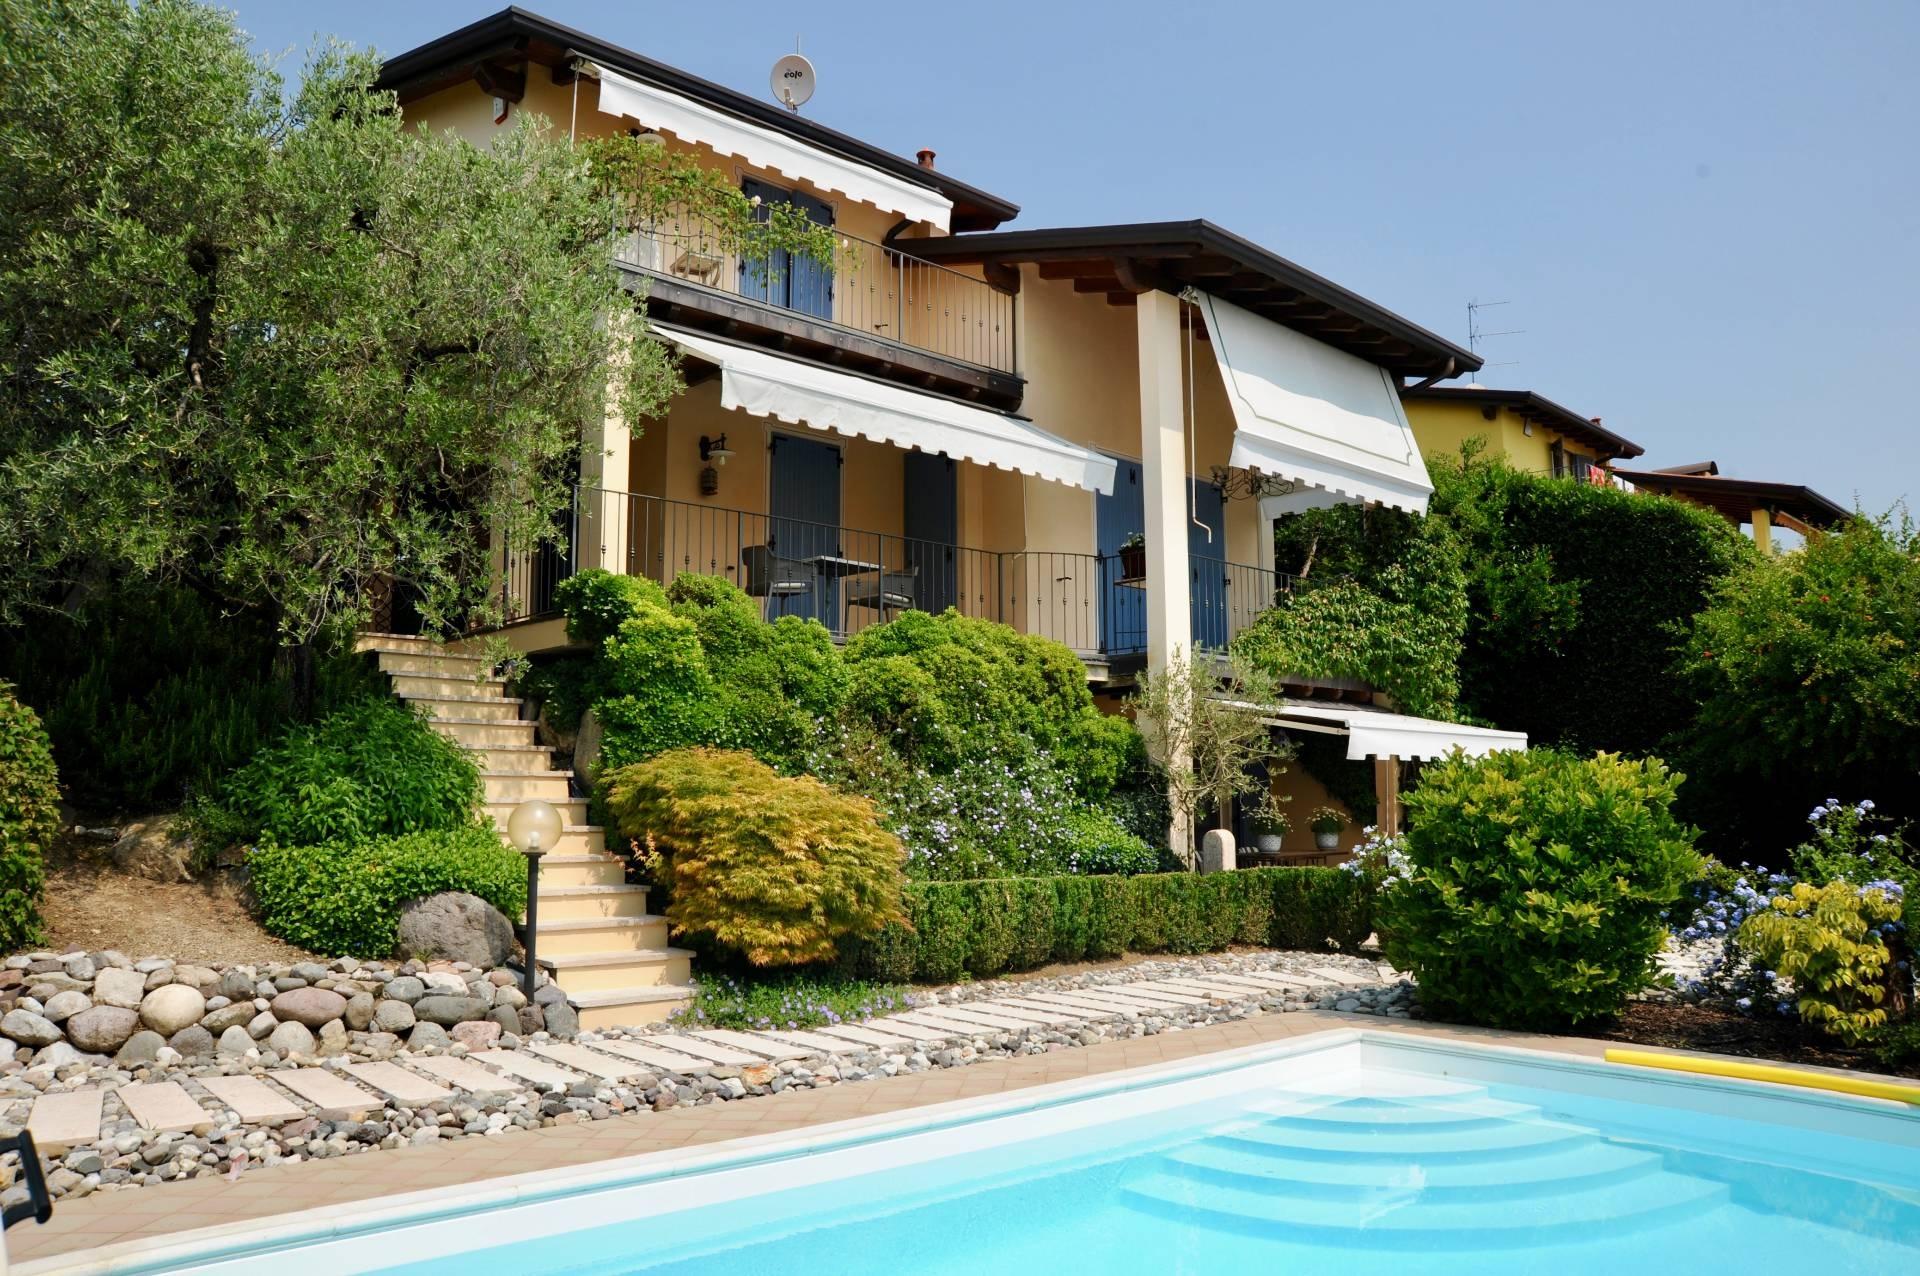 Villa in Vendita a Soiano Del Lago via san rocco, soiano del lago